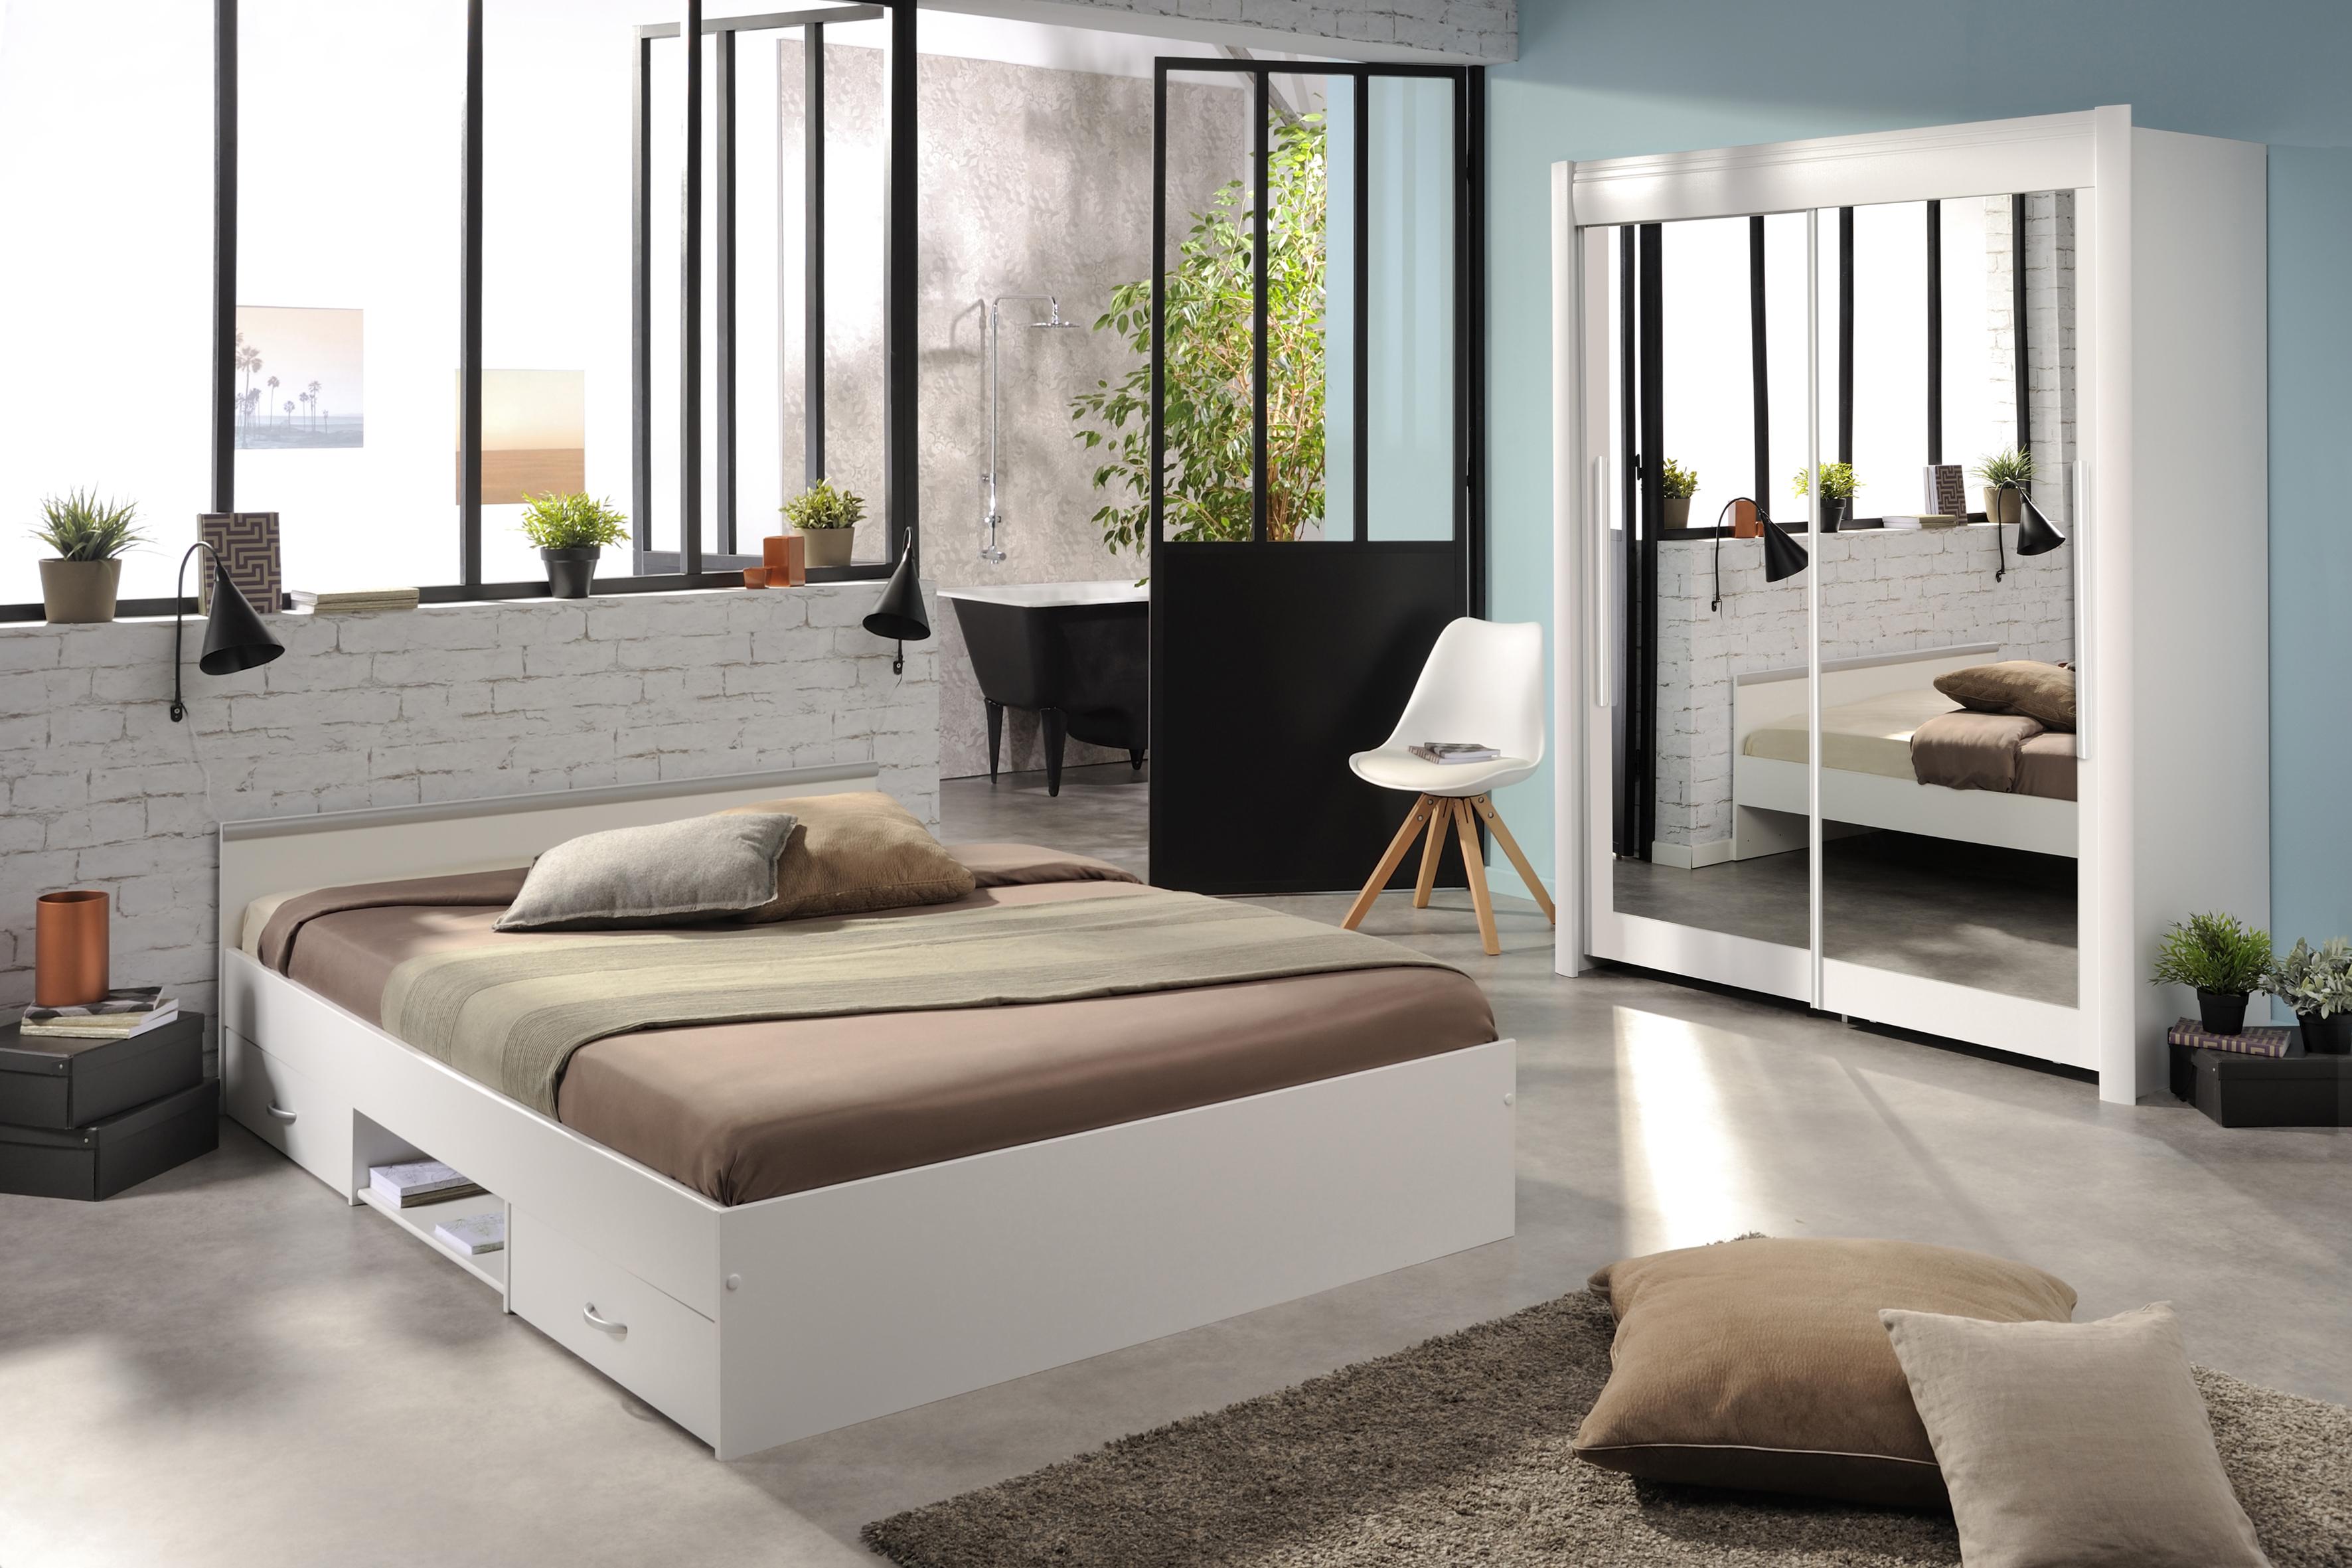 Schlafzimmer 2-tlg inkl Schweber ca. 204 breit Celebrity 53 von Parisot Weiß